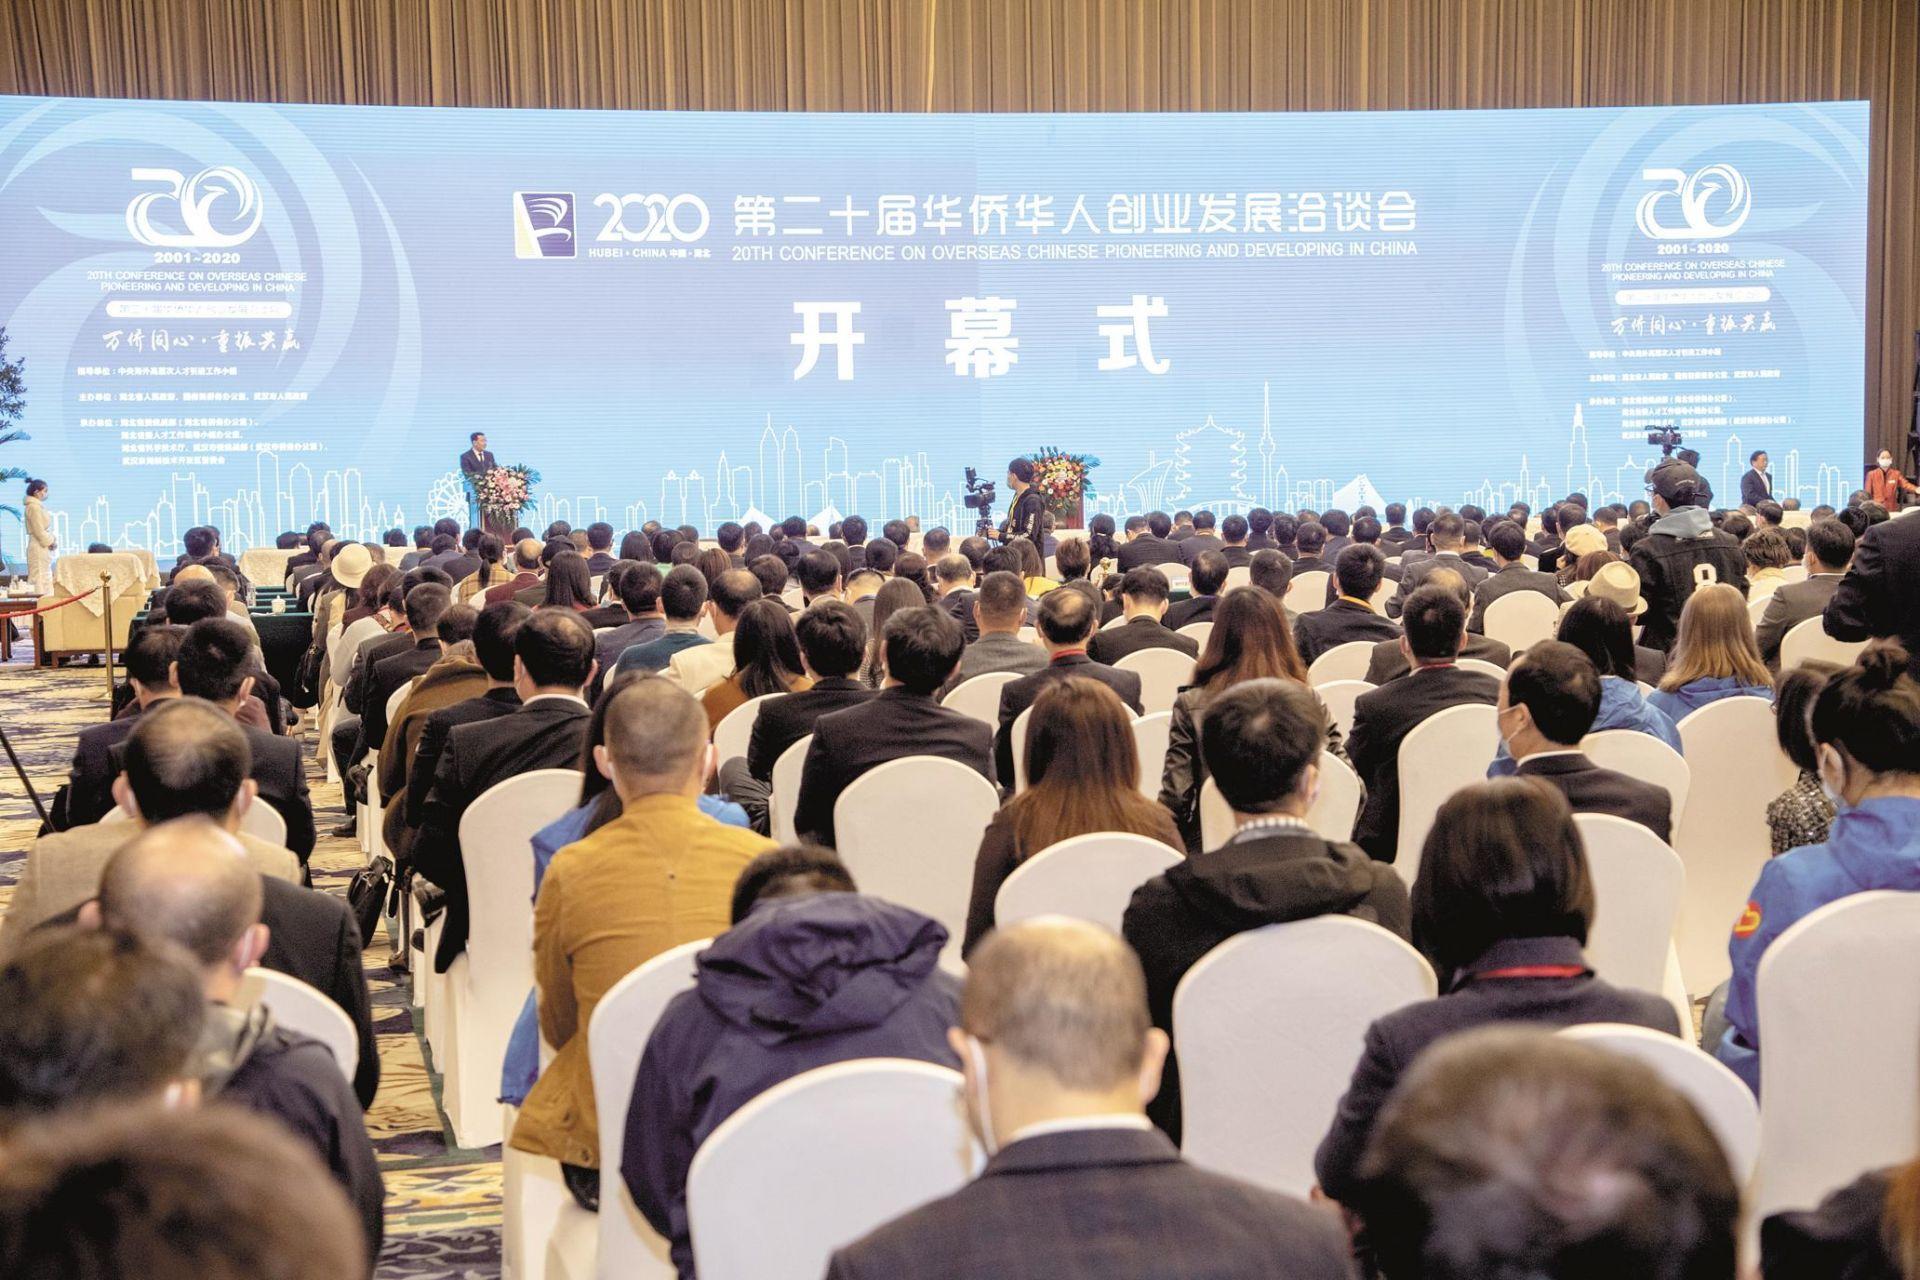 2020年华创会在武汉开幕  聚侨心侨力助疫后重振谋合作共赢